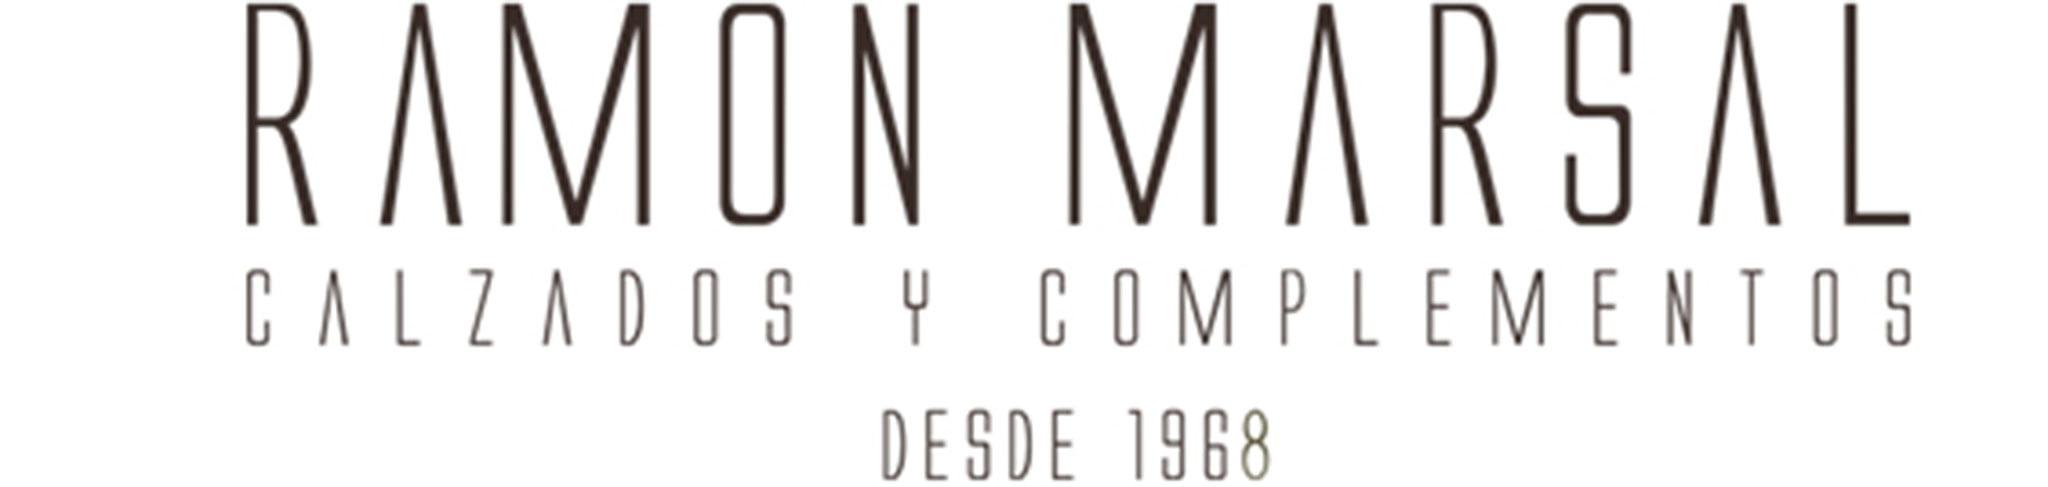 Logotipo Calzados Ramón Marsal